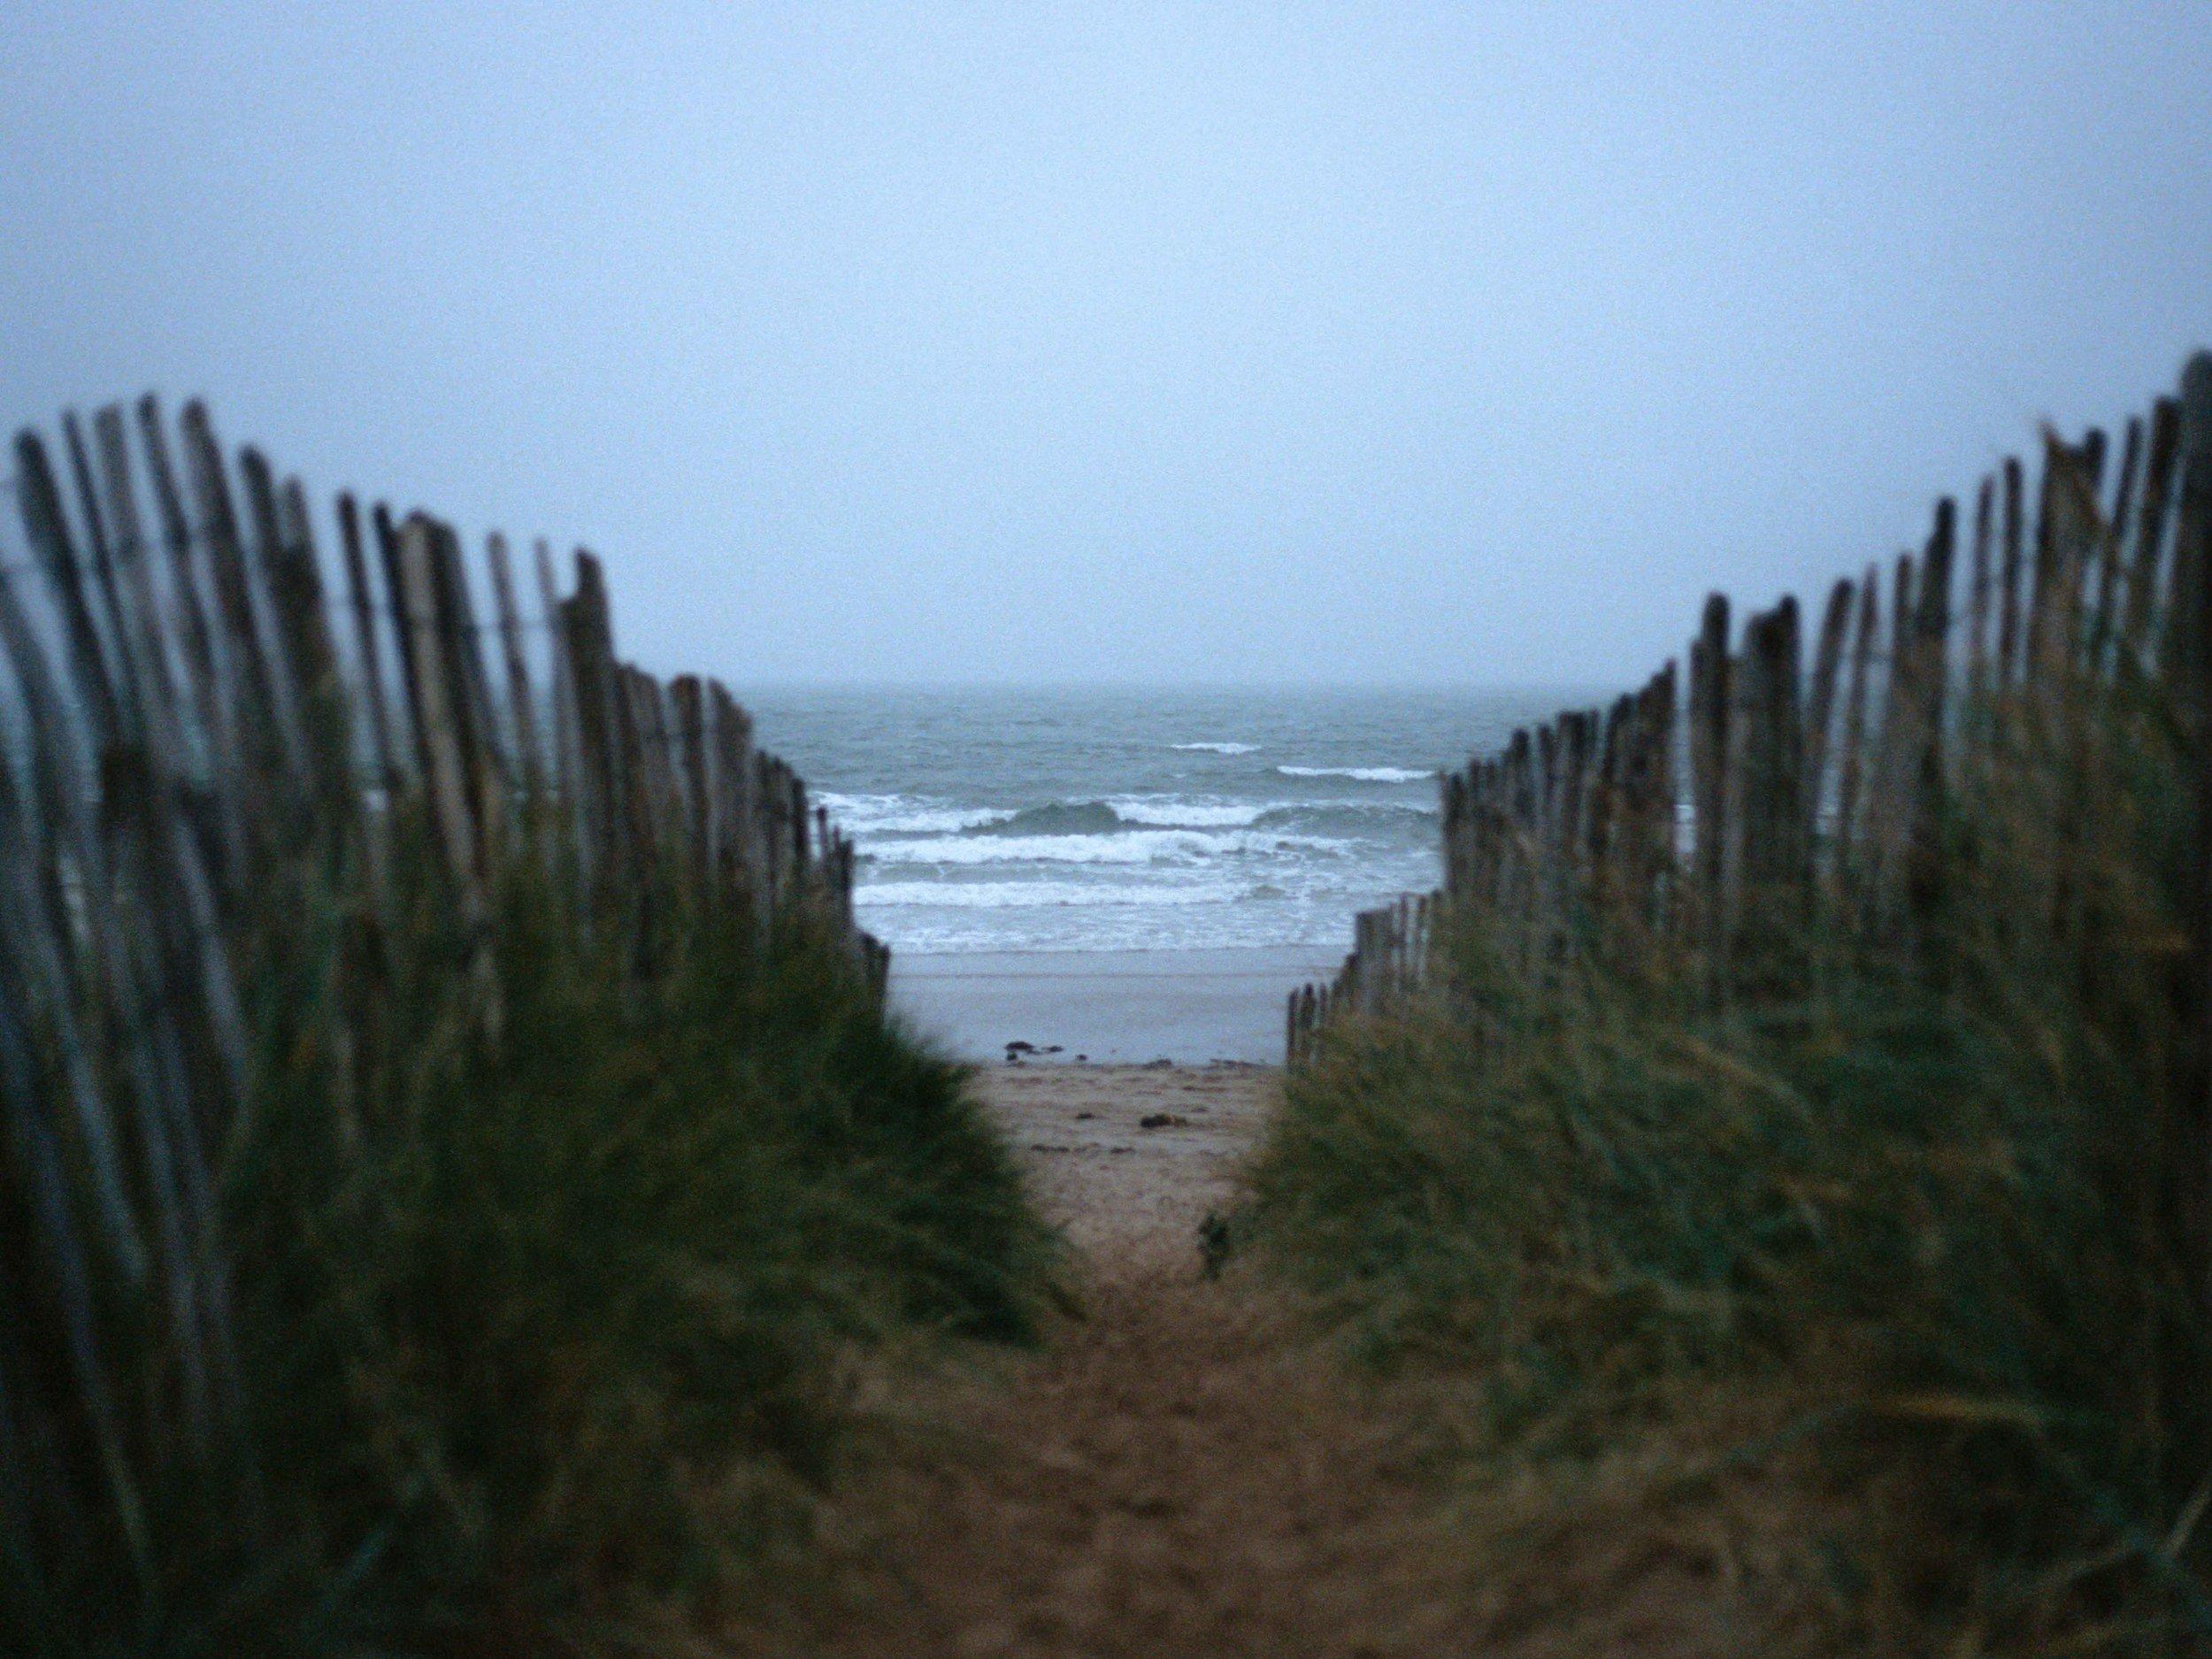 Scottish Beach, St. Andrews, Kodak 400